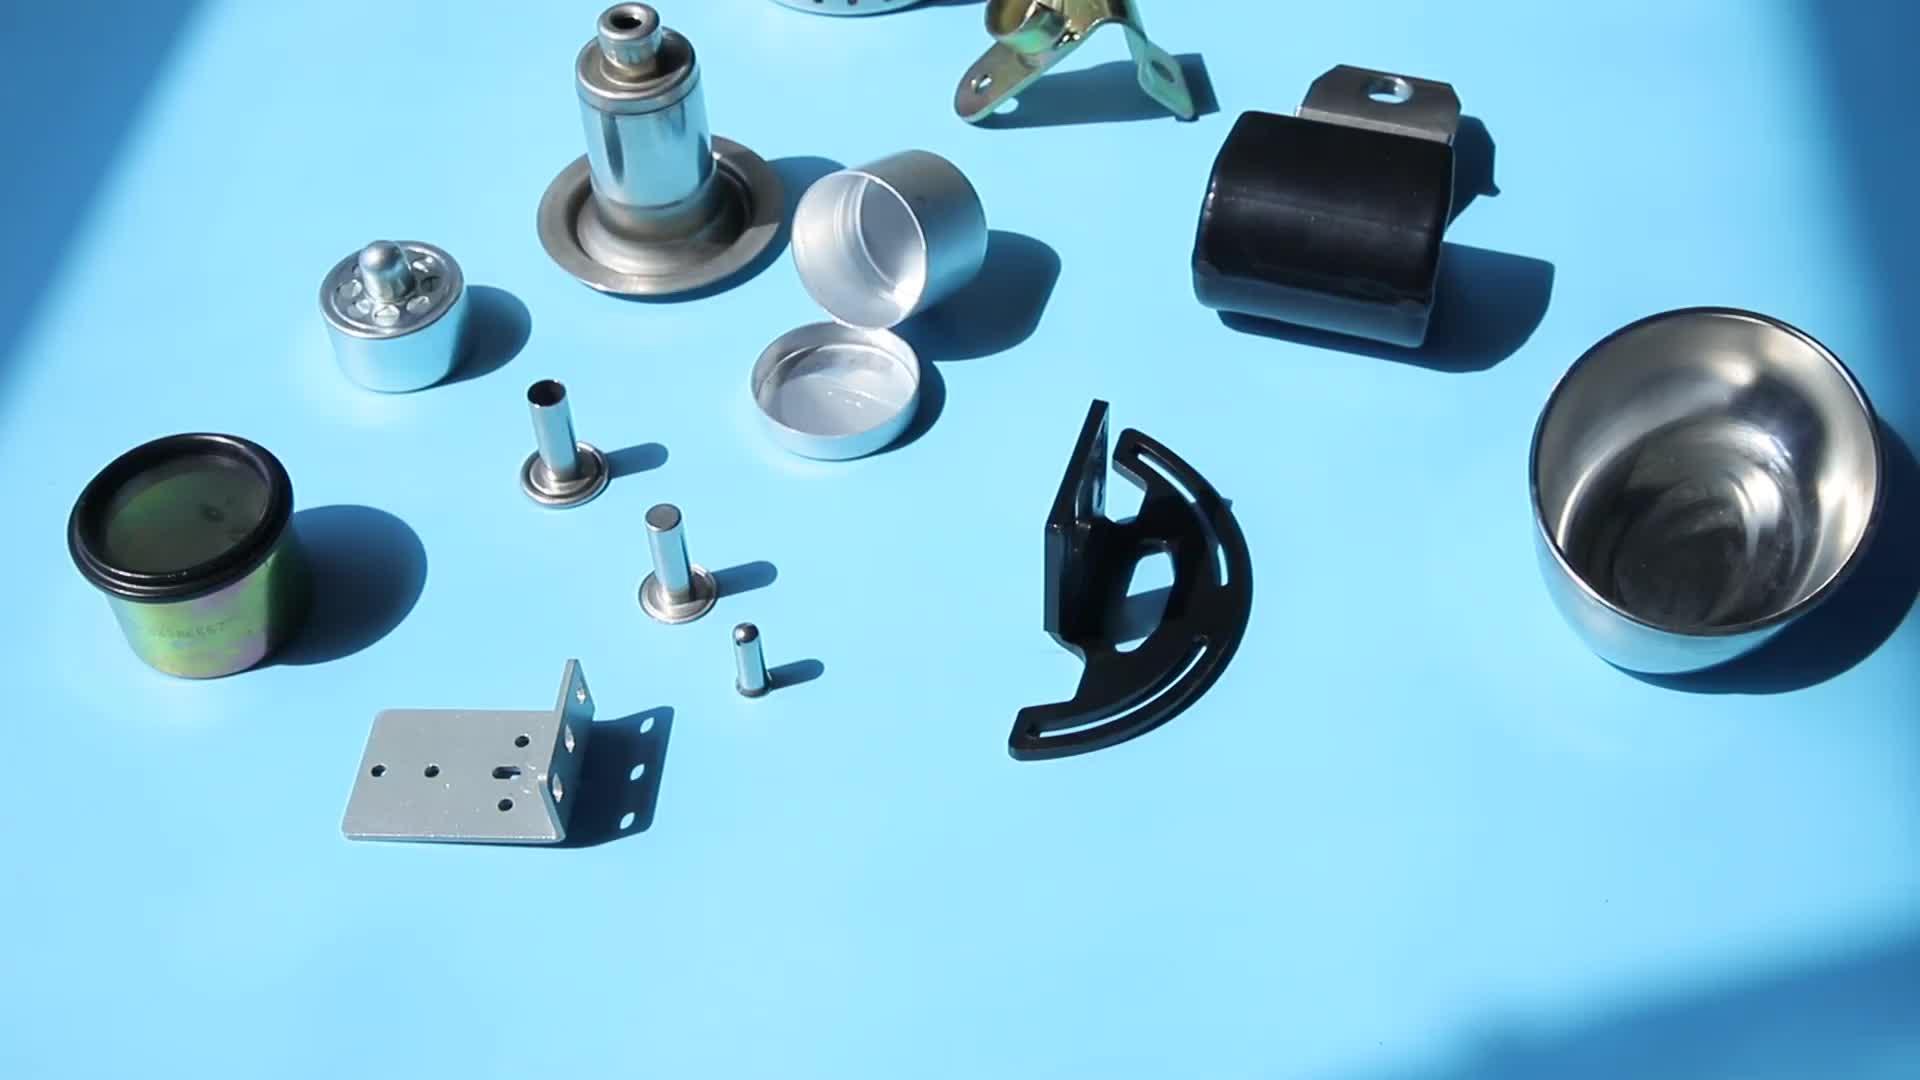 الألومنيوم المعدن ختم أجزاء معدات زراعية